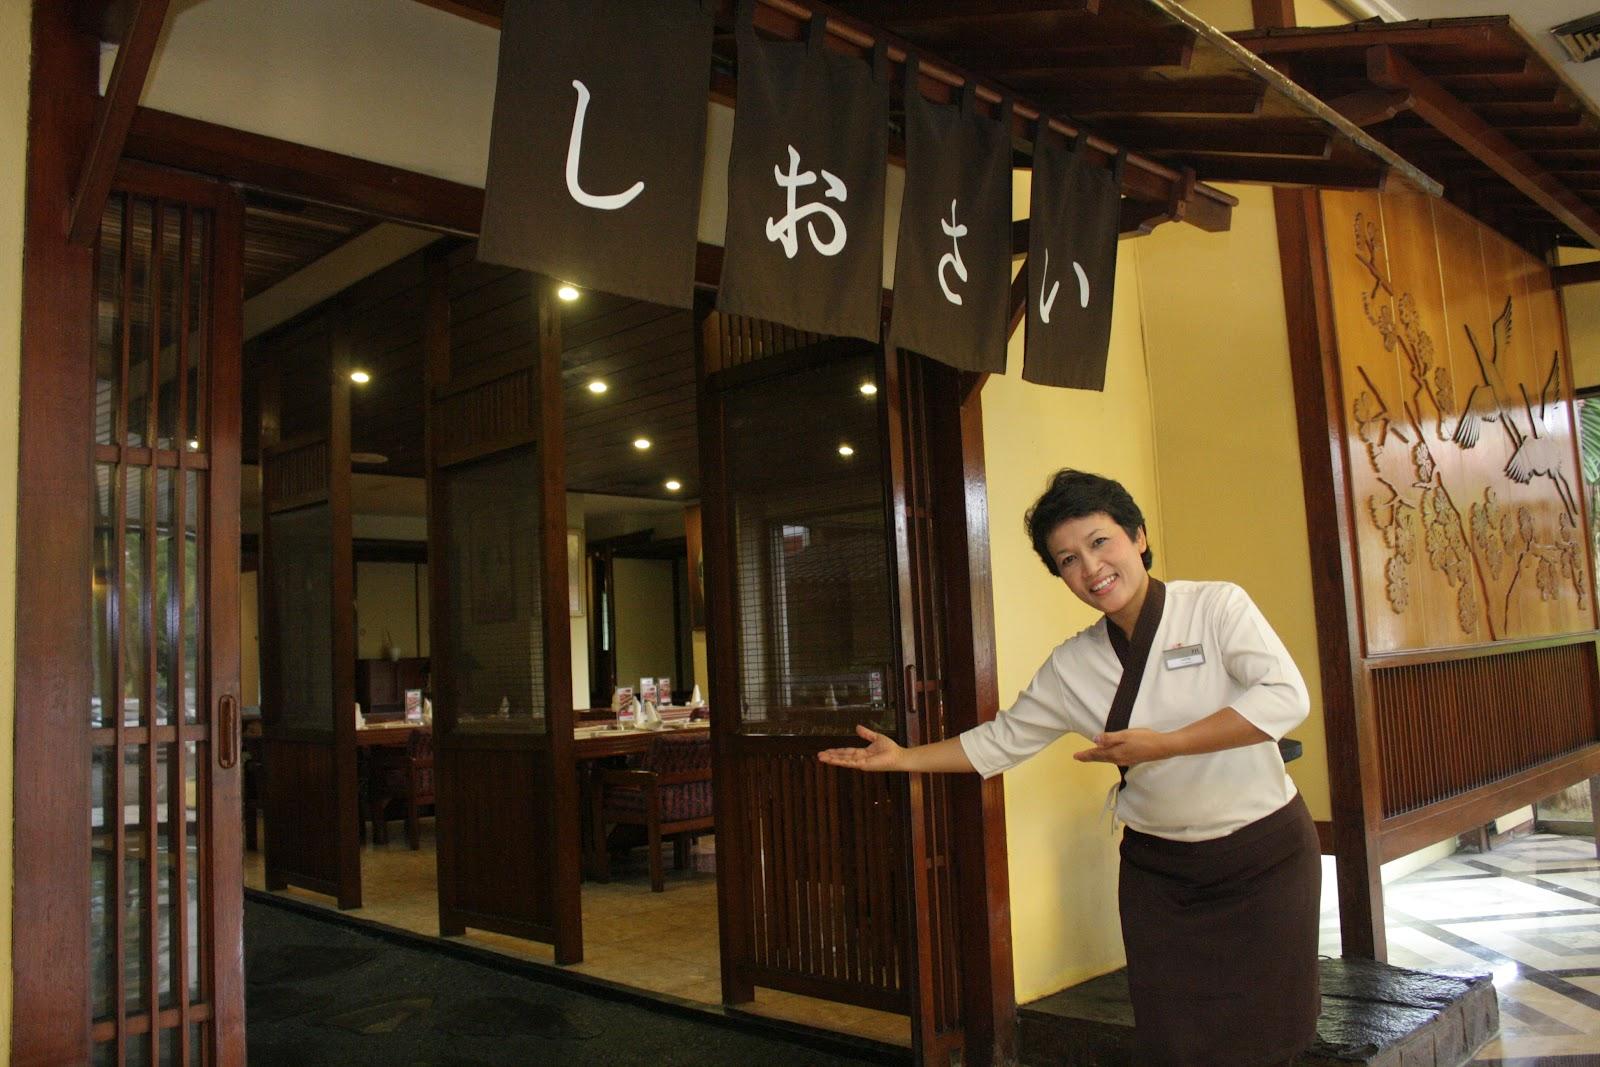 Tâm lý khách du lịch người Nhật mà nhân viên lễ tân nhà hàng - khách sạn cần biết